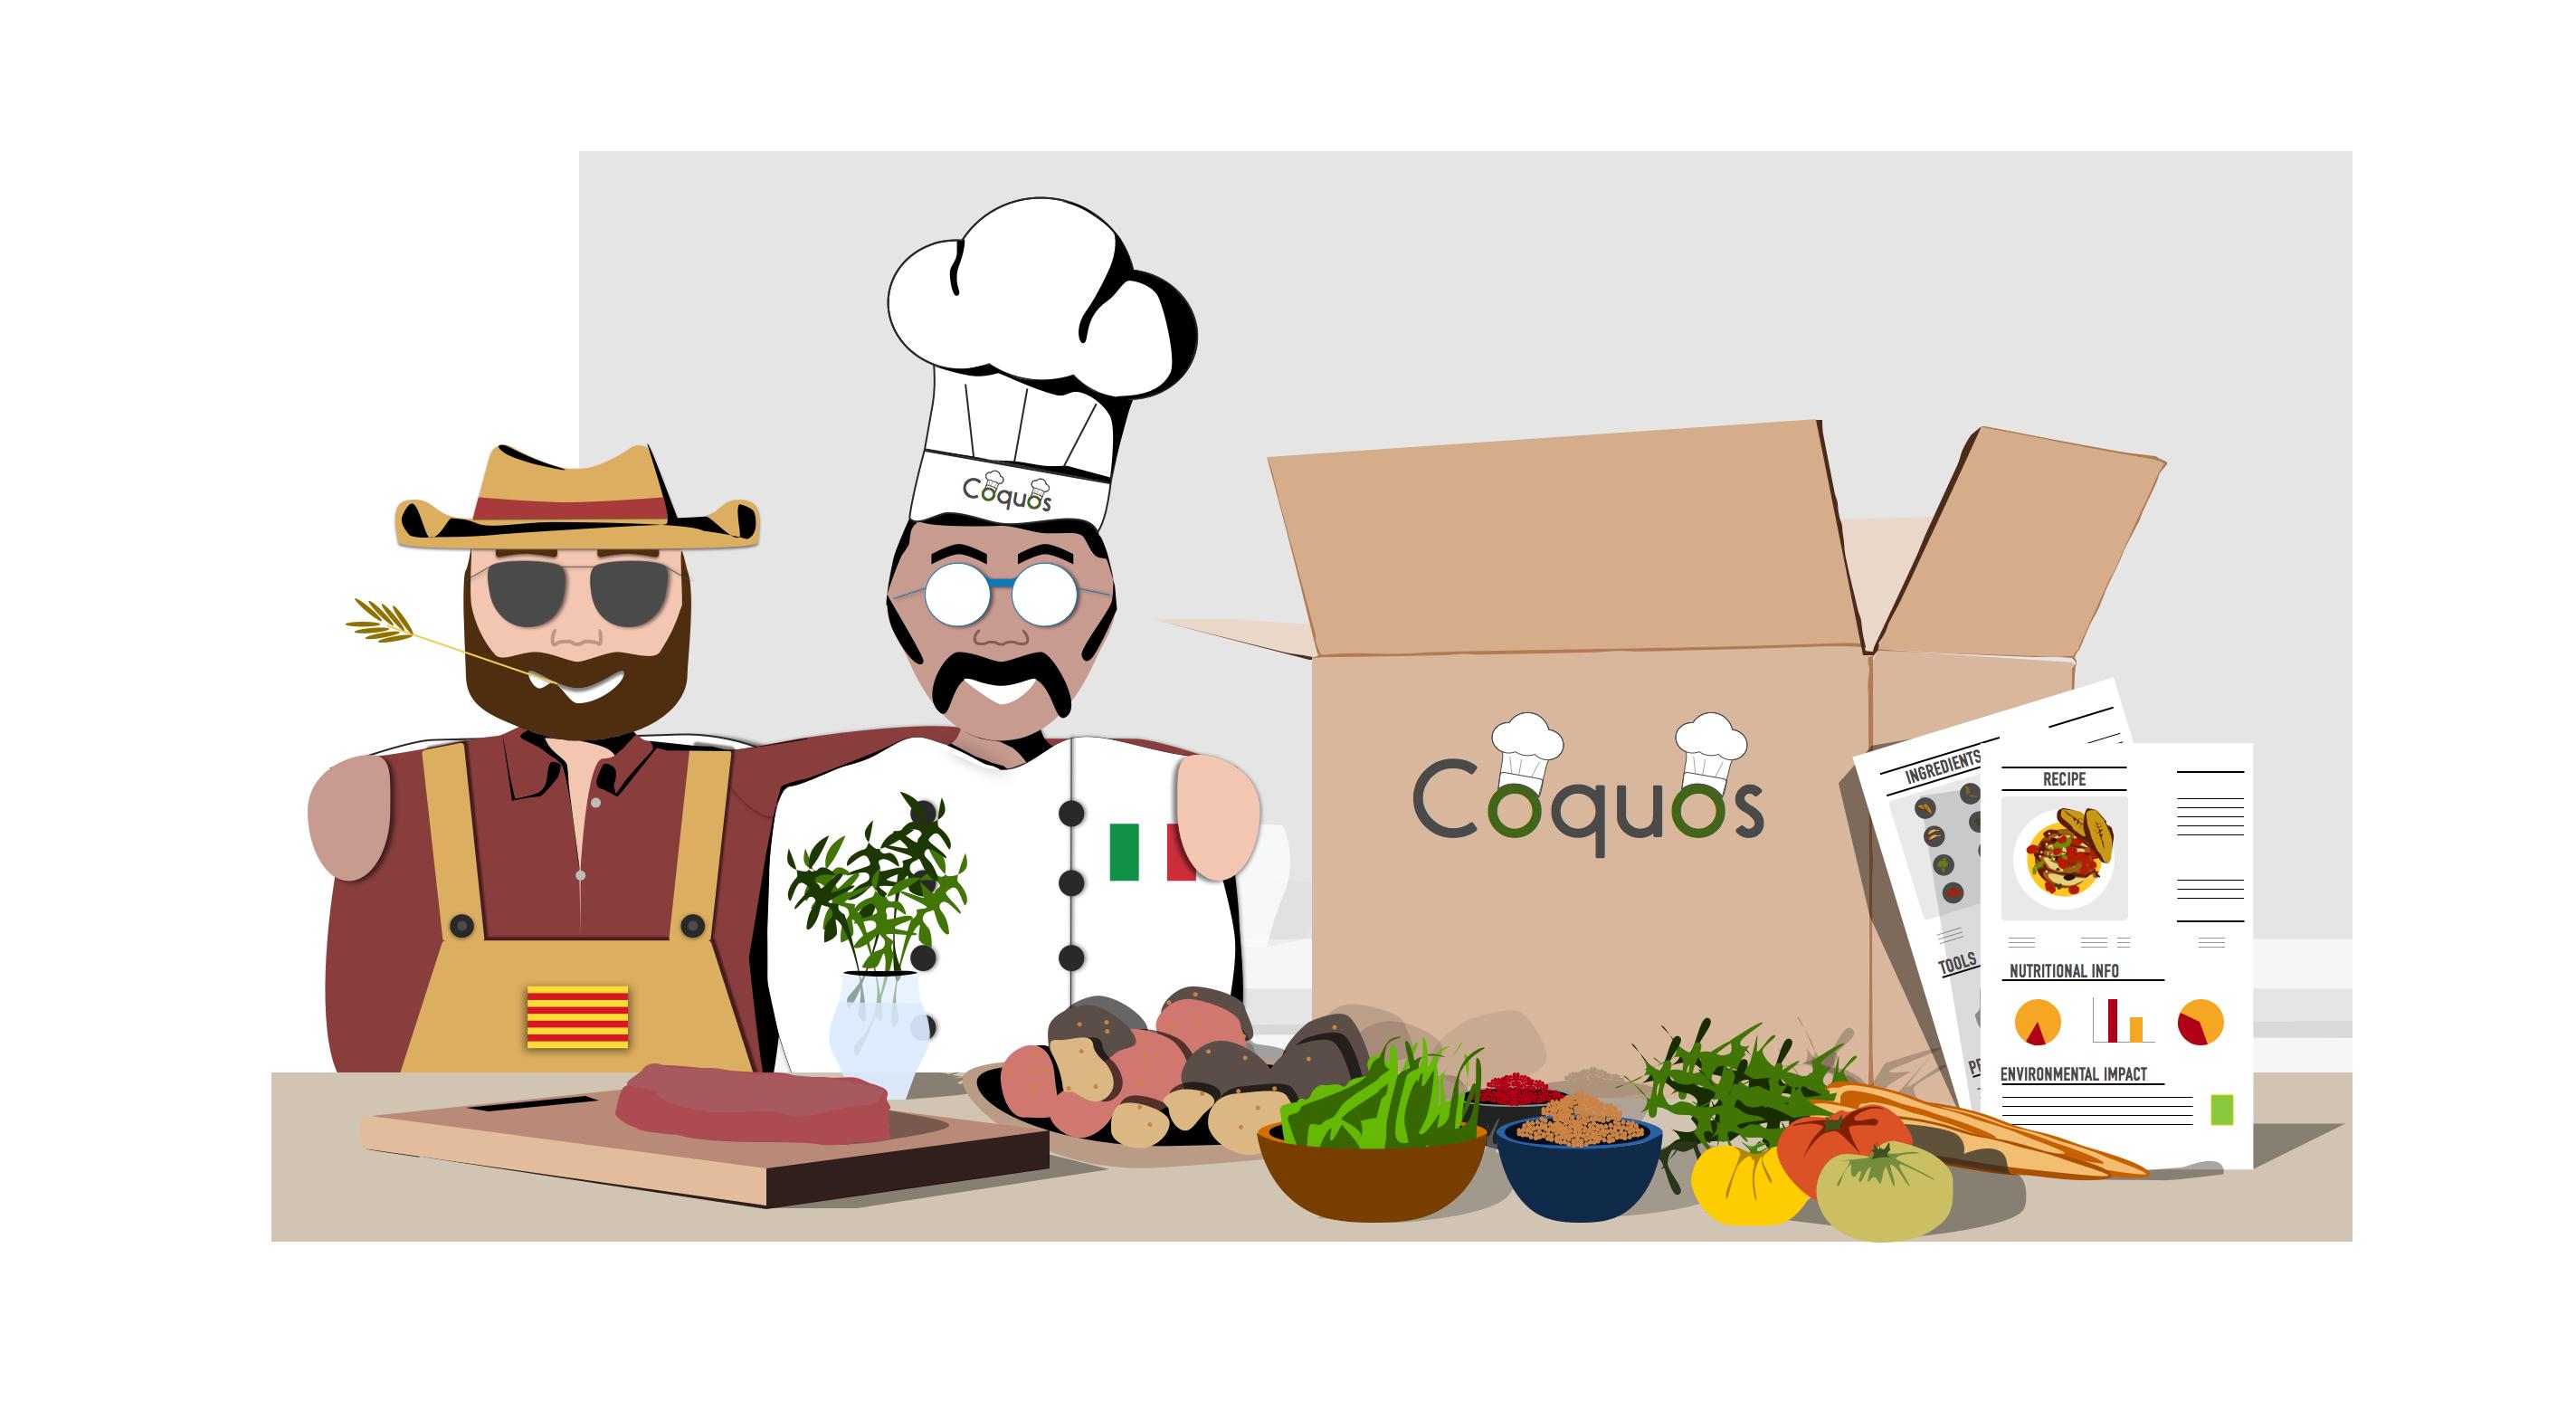 Coquos